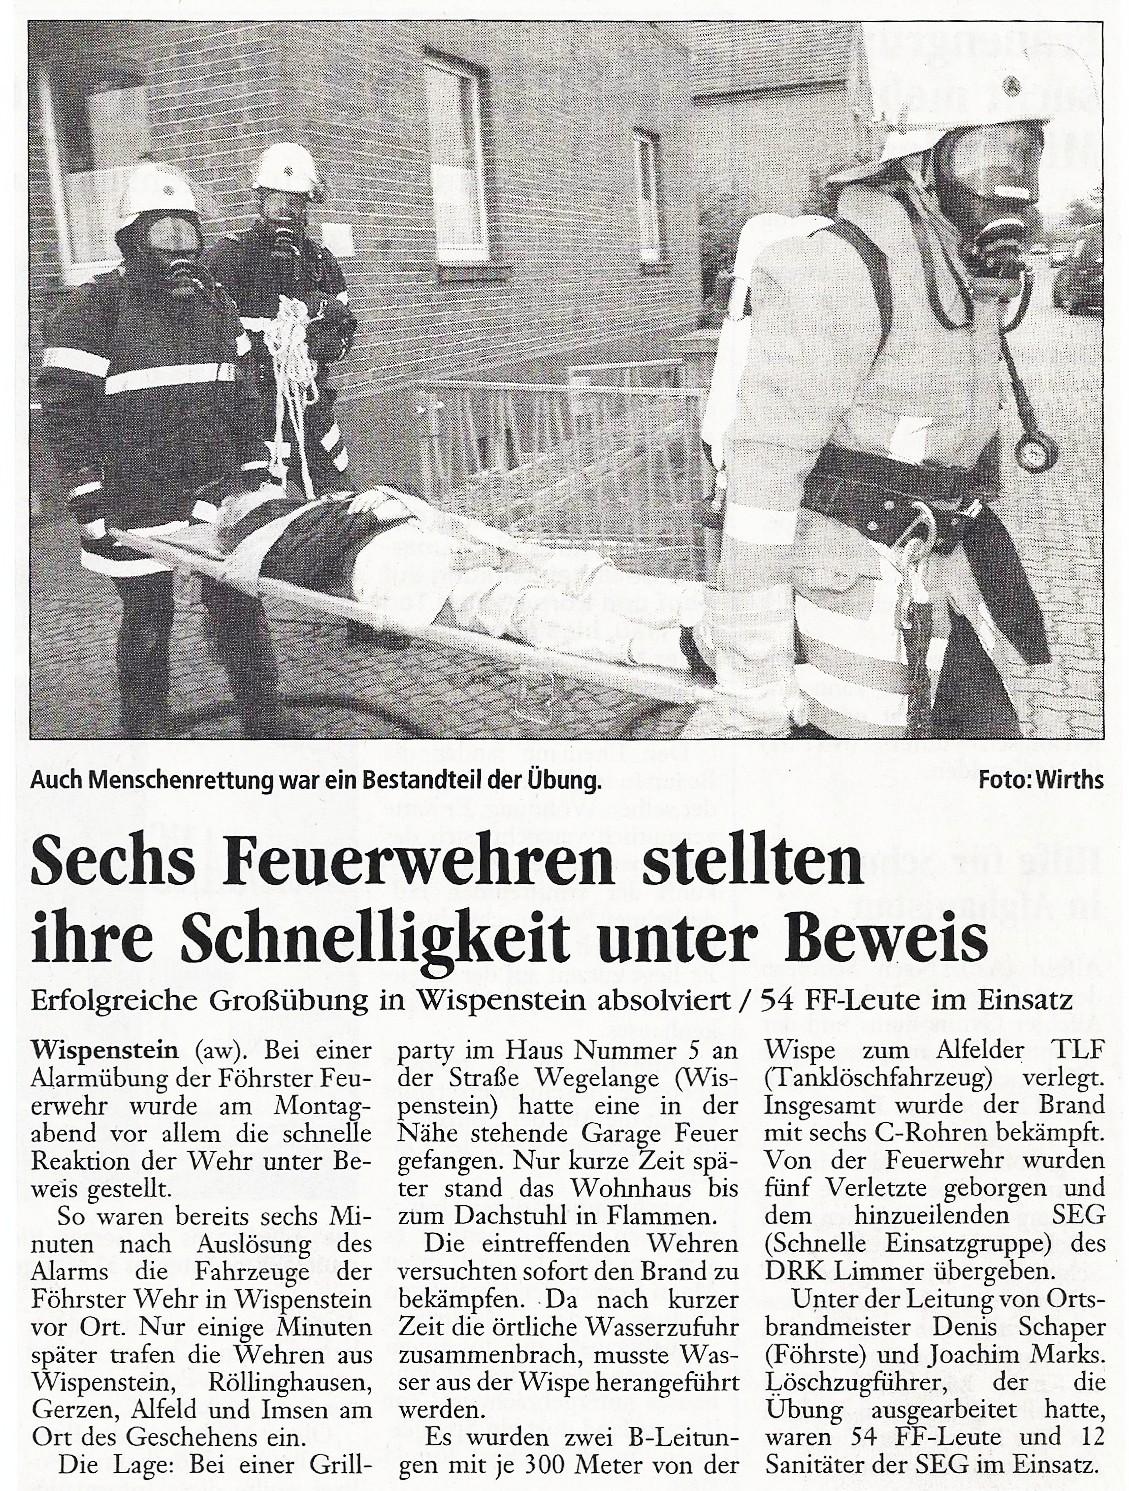 2005-06-01 Sechs Feuerwehren stellen ihre Schnelligkeit unter Beweis